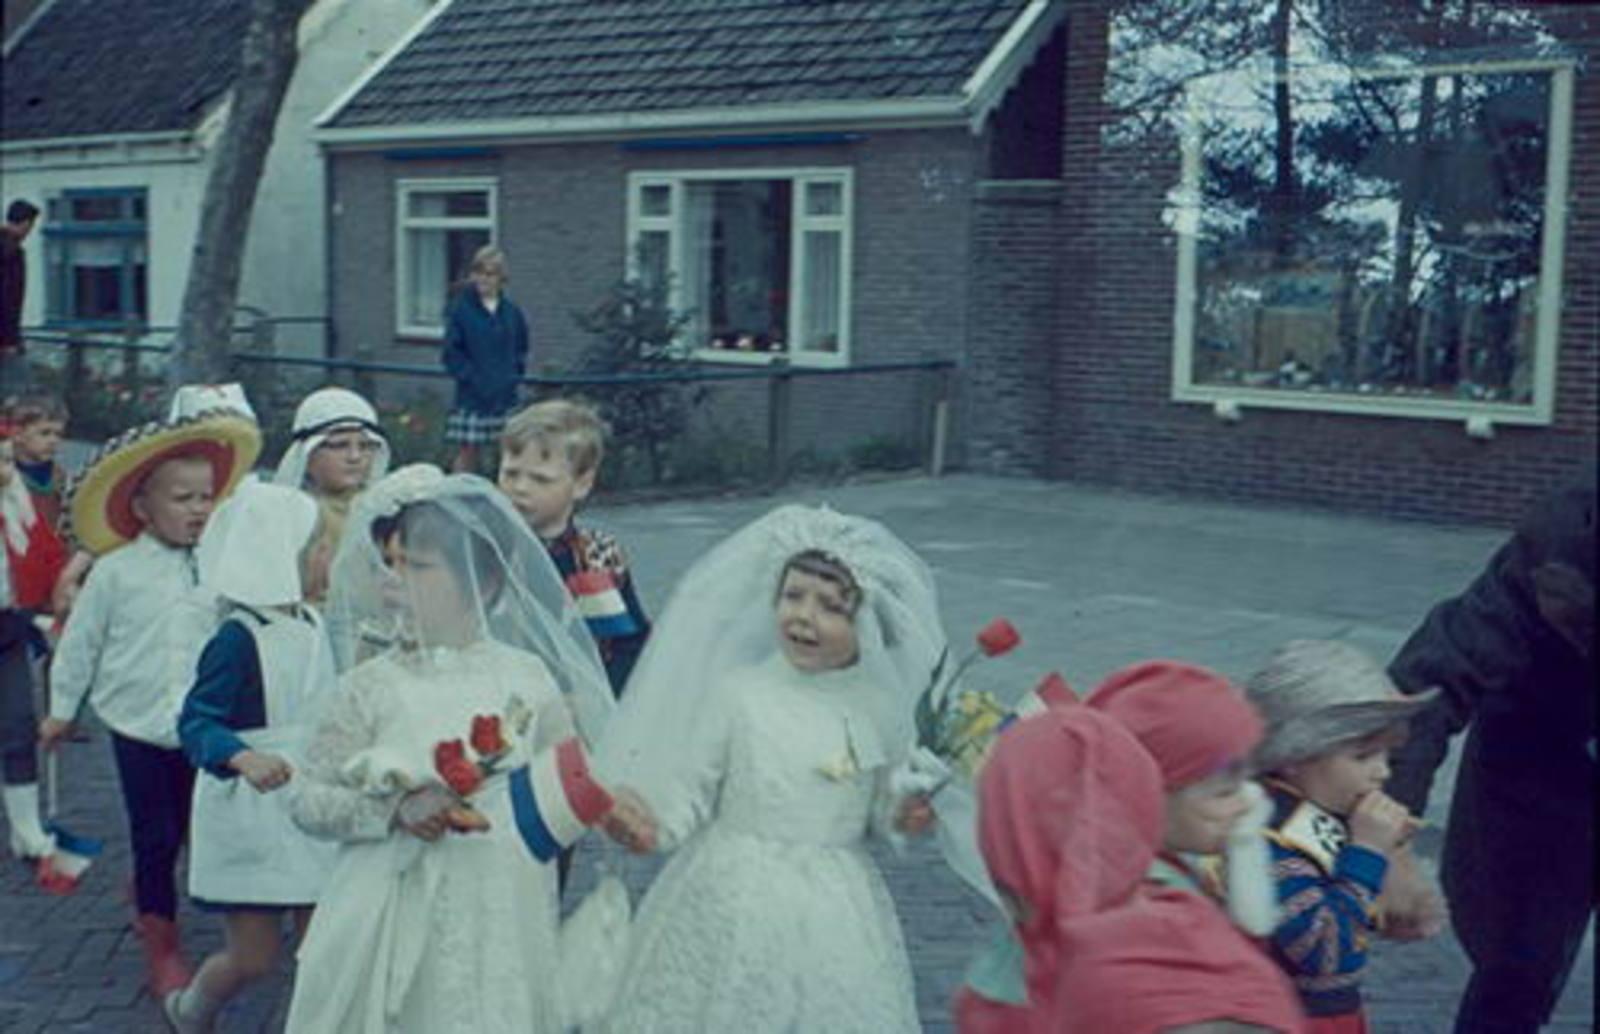 Concourslaan N 0020 1967± met optocht Koninginnedag